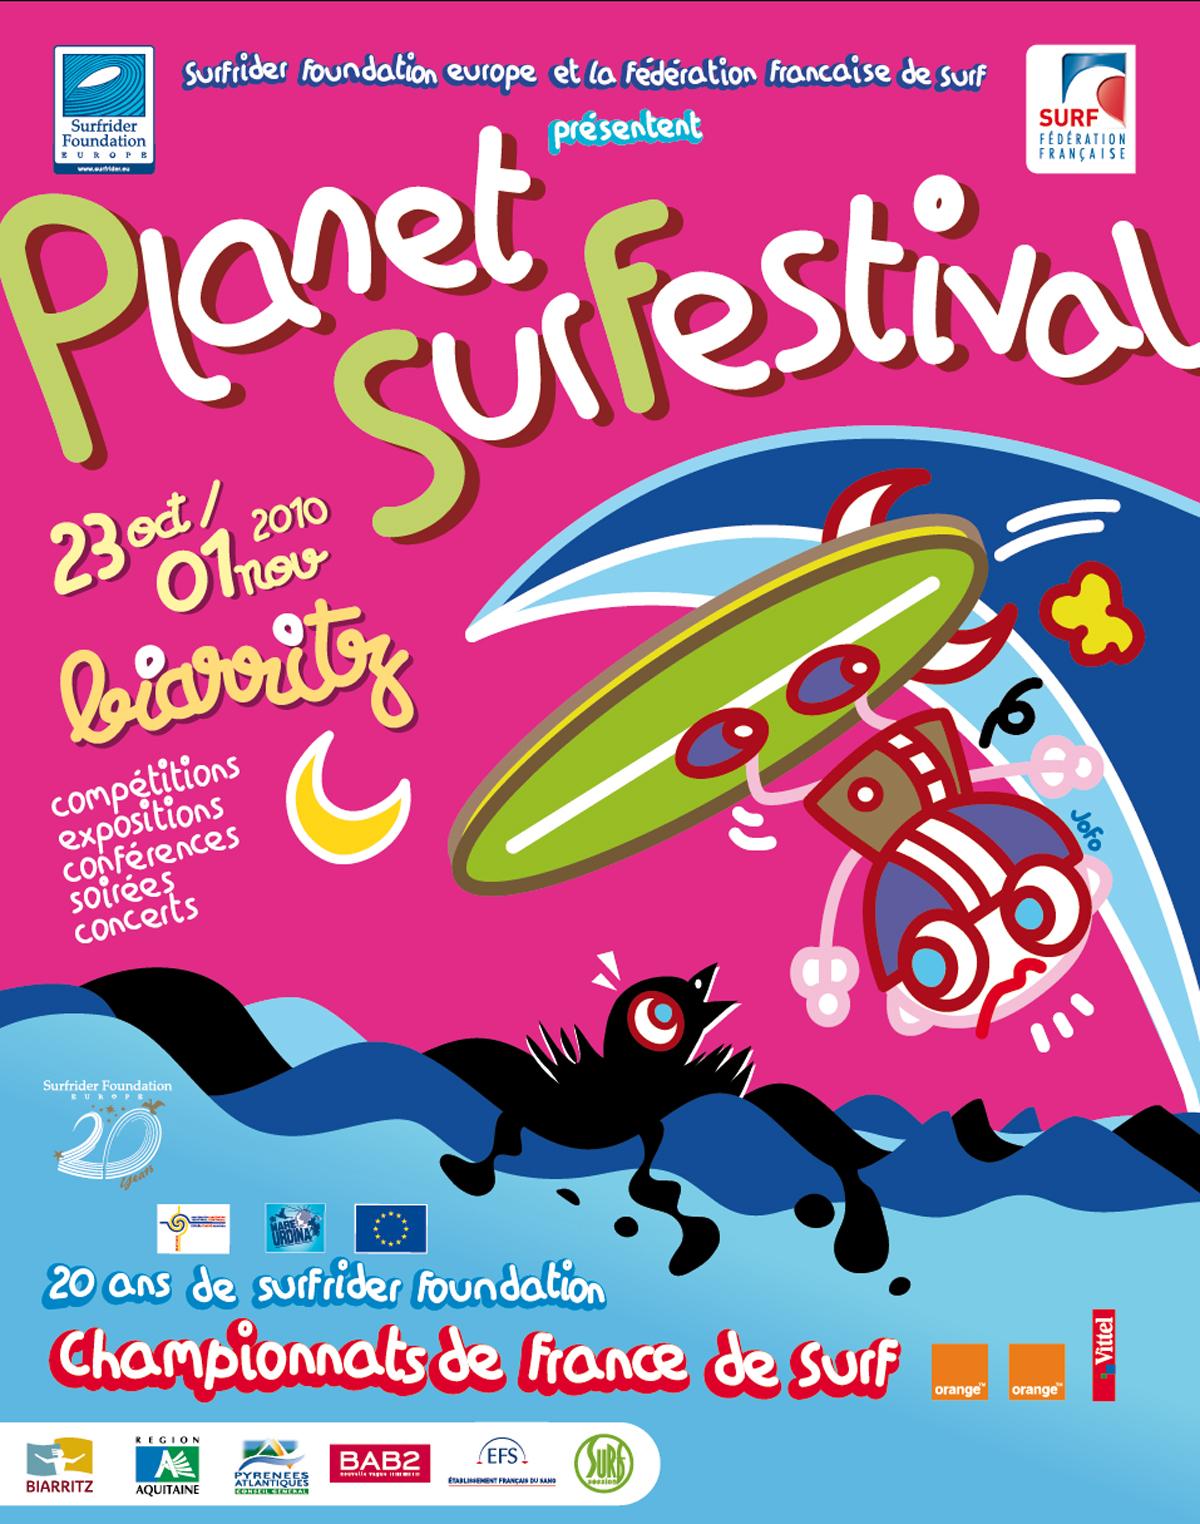 Affiche. Commande de la Fédération Française de Surf et Surfrider Foundation. 2010.